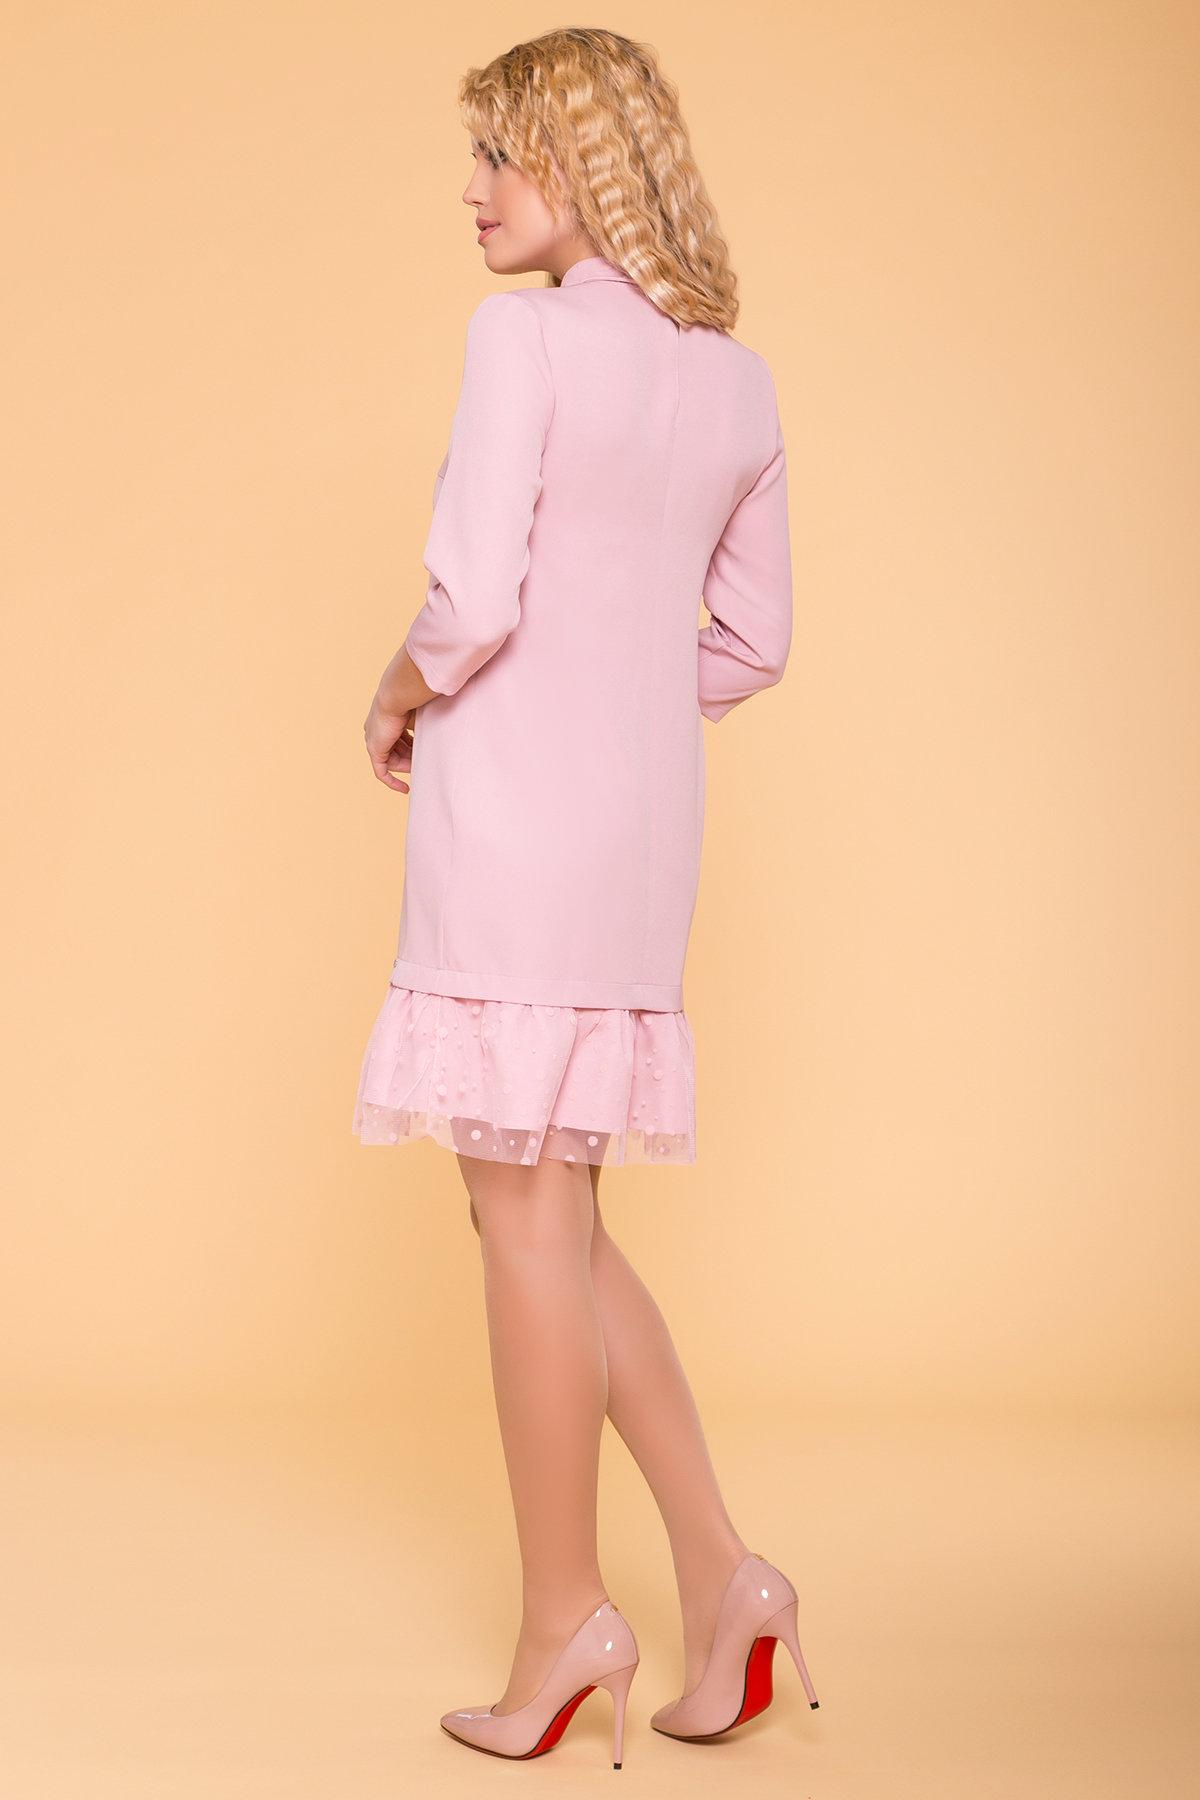 Платье Грейси 5949 АРТ. 41719 Цвет: Пудра 138 - фото 2, интернет магазин tm-modus.ru